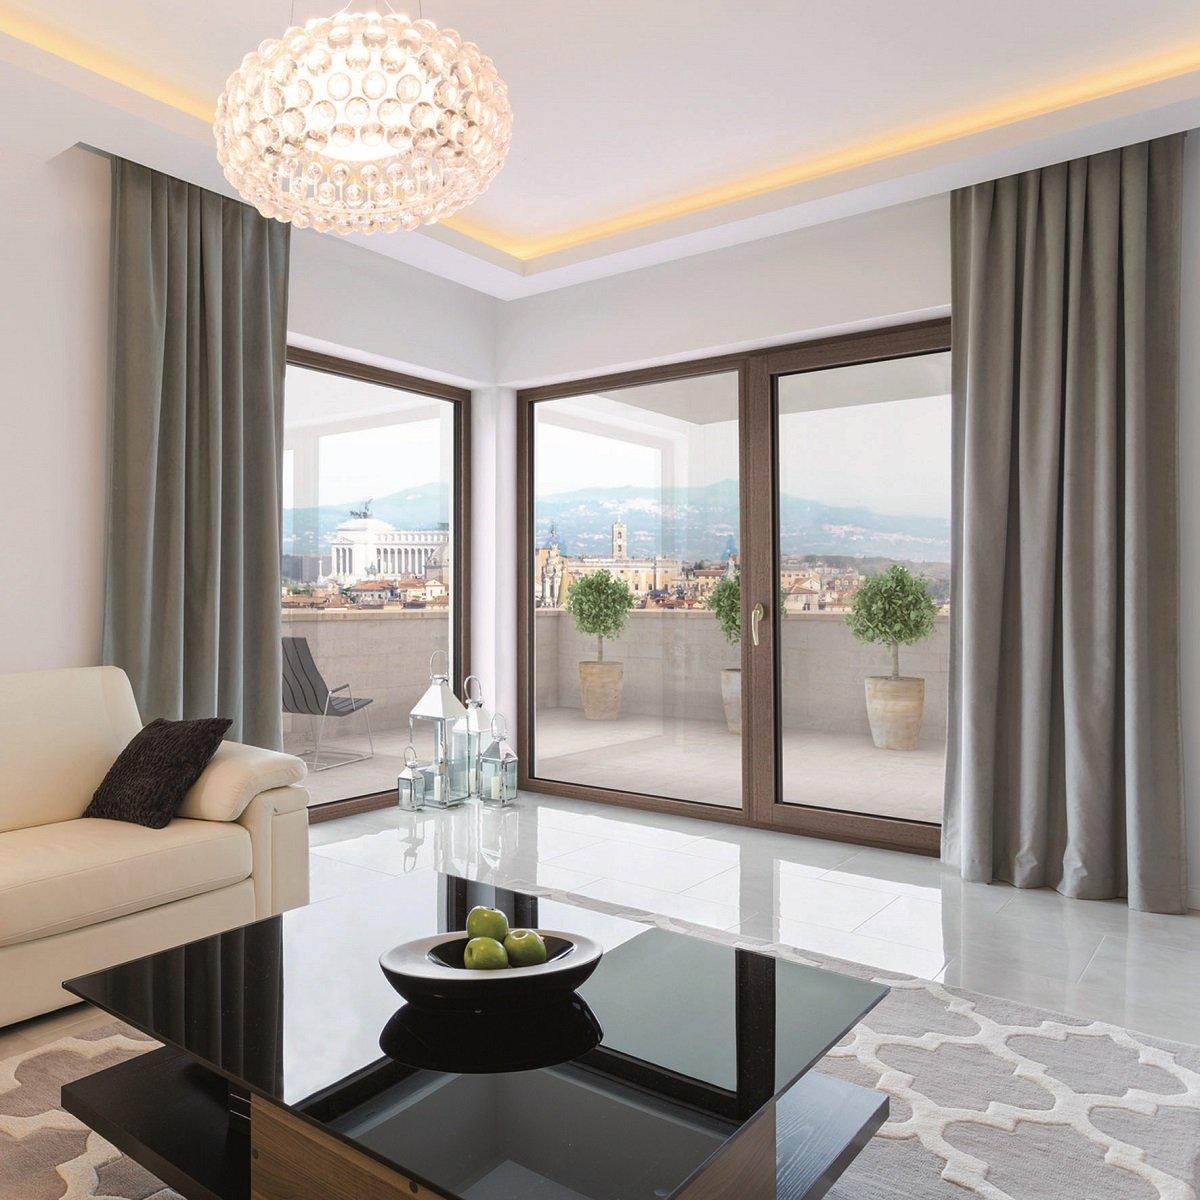 Finestre internorm speciale promozione di primavera cose di casa - Prezzi finestre internorm ...